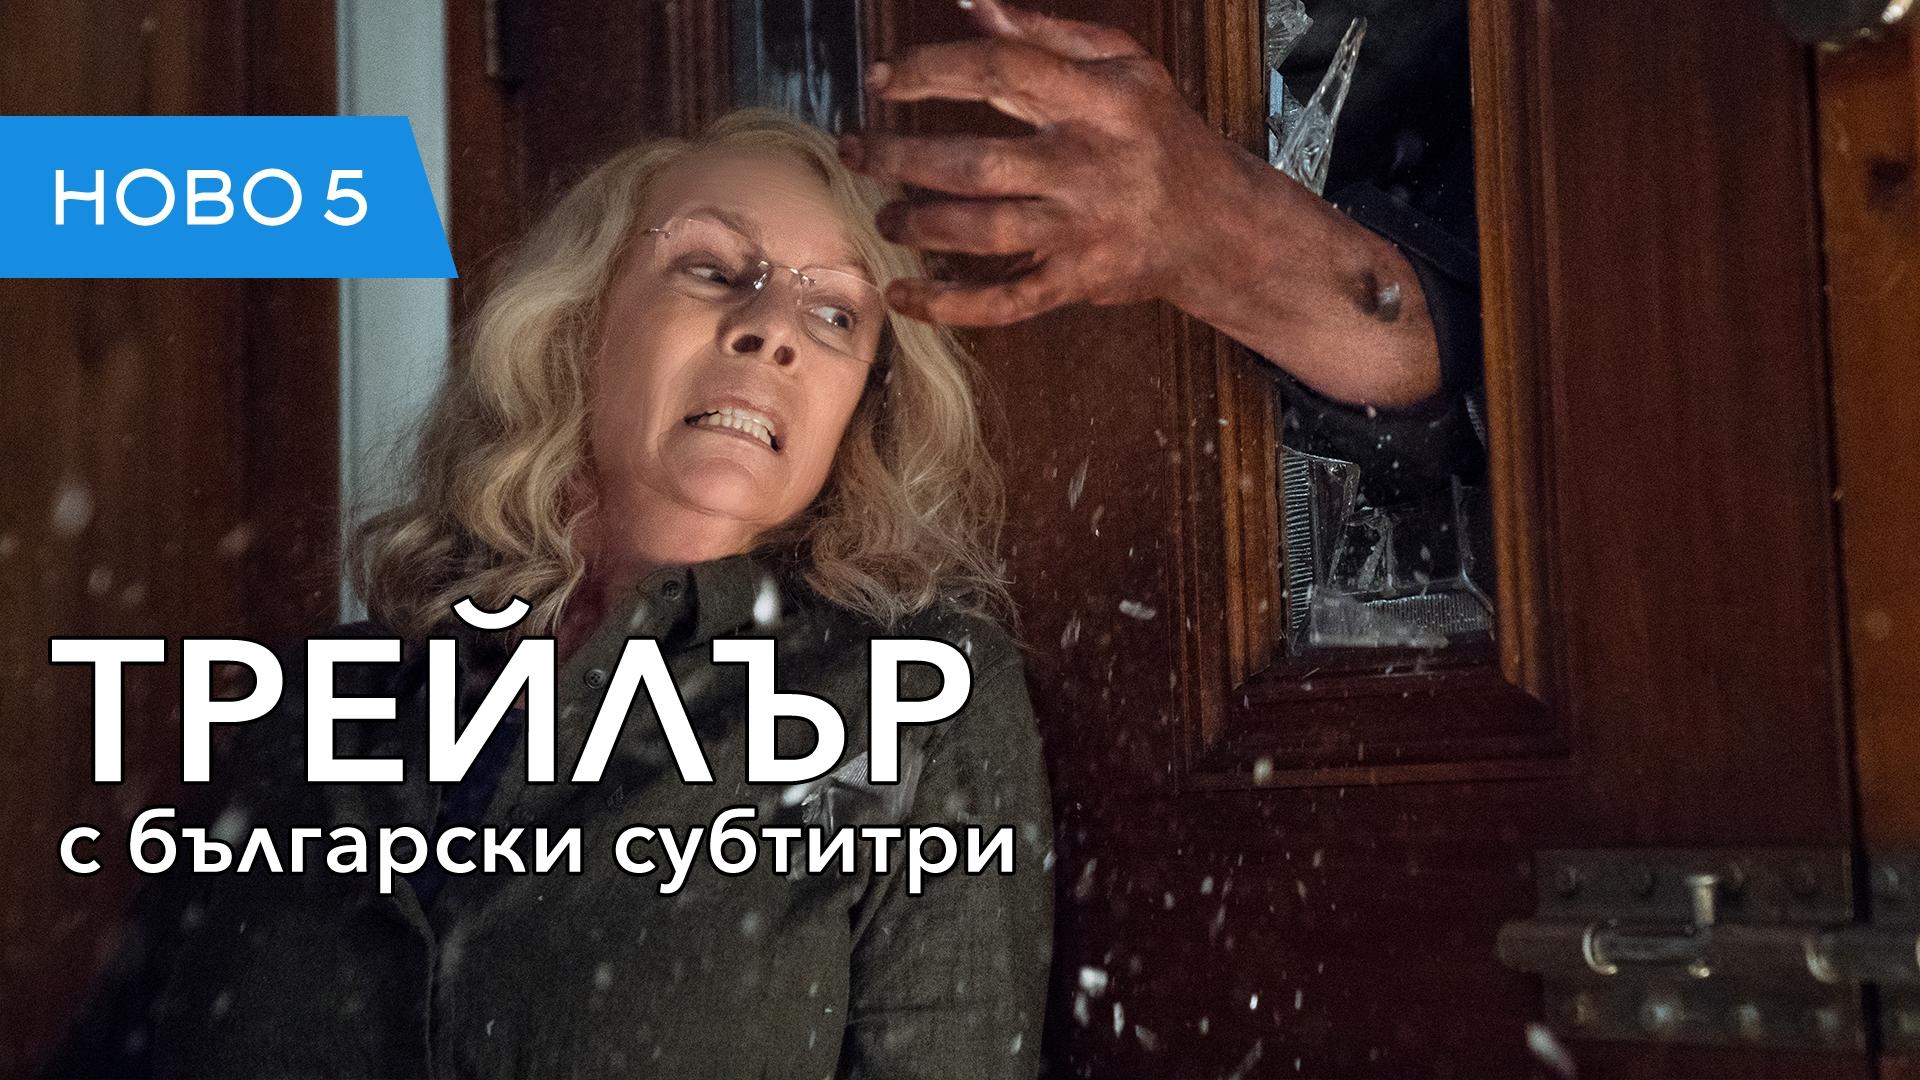 Хелоуин (2018) трейлър с български субтитри